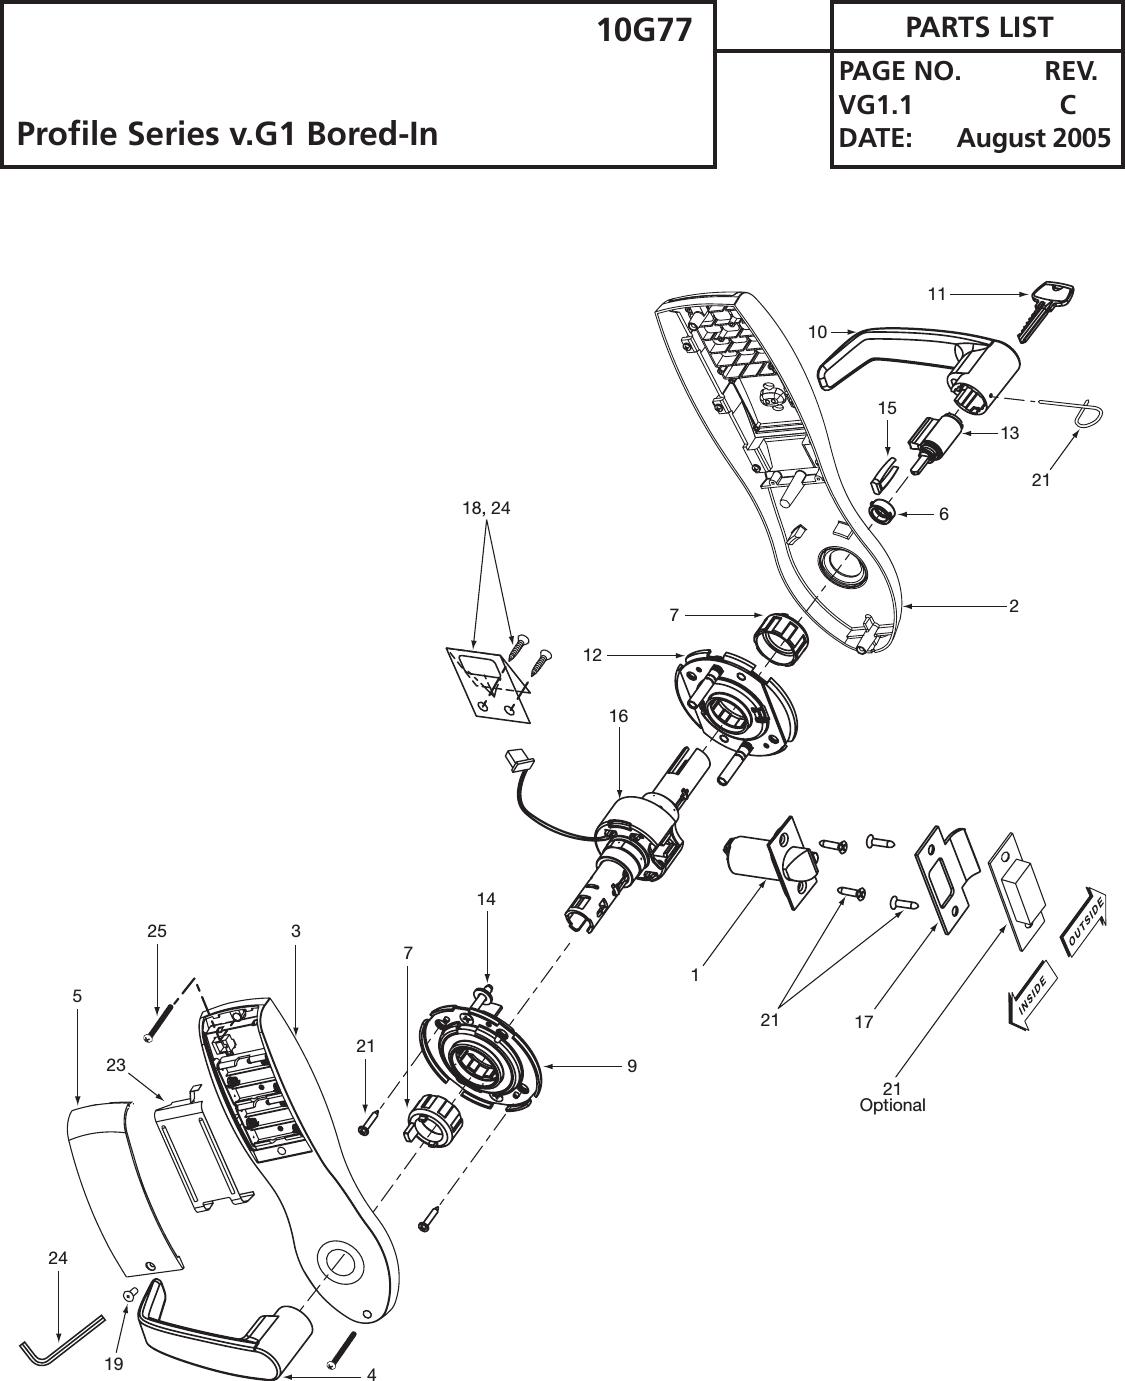 Sargent V.G1 Parts Pages Profile Series 10G77 V G1.1 C